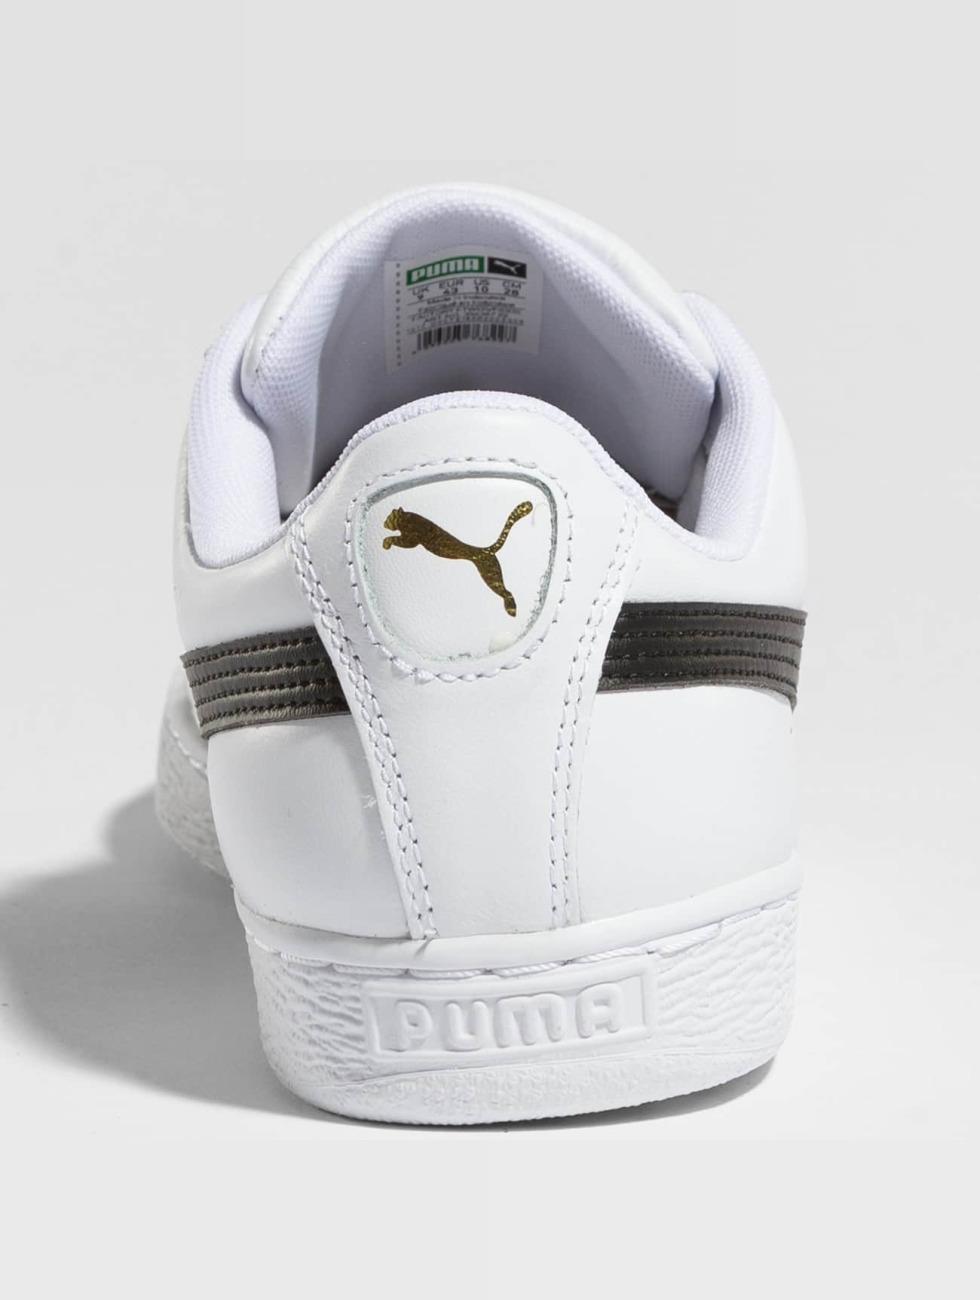 Puma schoen / sneaker Basket Classic LFS in wit 425862 Beste Prijs Goedkoopste Prijs Online Te Koop Goedkoop Origineel Beste Winkel Om Online Te Krijgen Lage Verzendkosten VW7TwF1h5